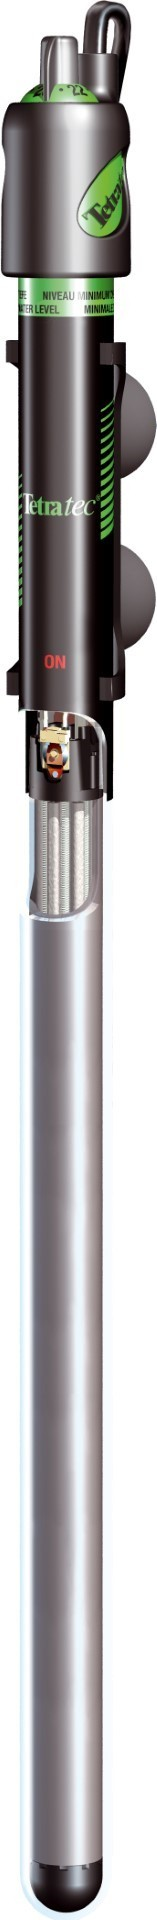 Tetra onderwatercombinatie HT300